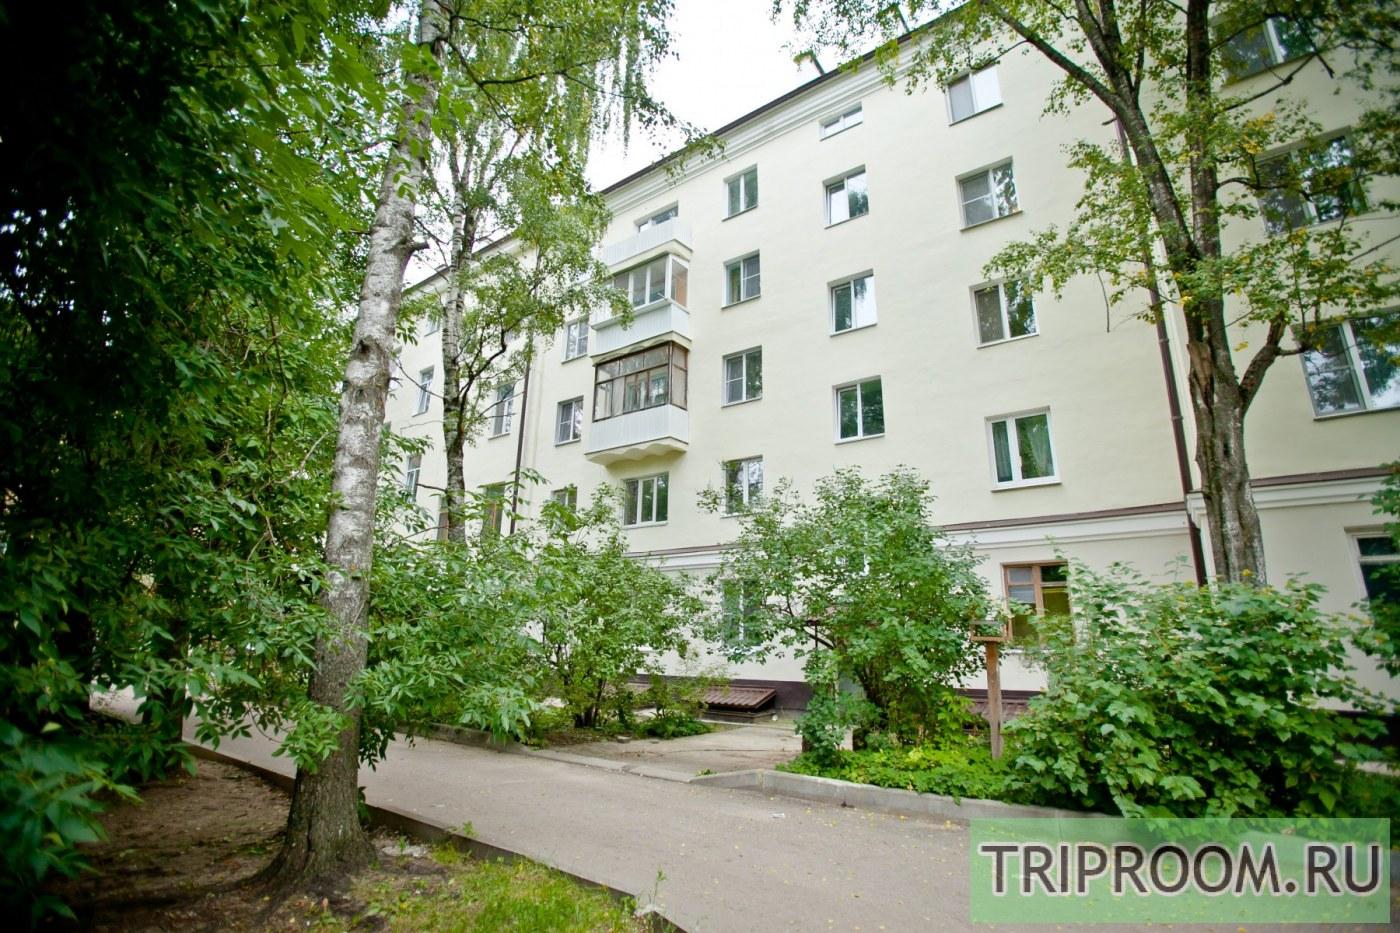 1-комнатная квартира посуточно (вариант № 8396), ул. Краснинская 2-я улица, фото № 22